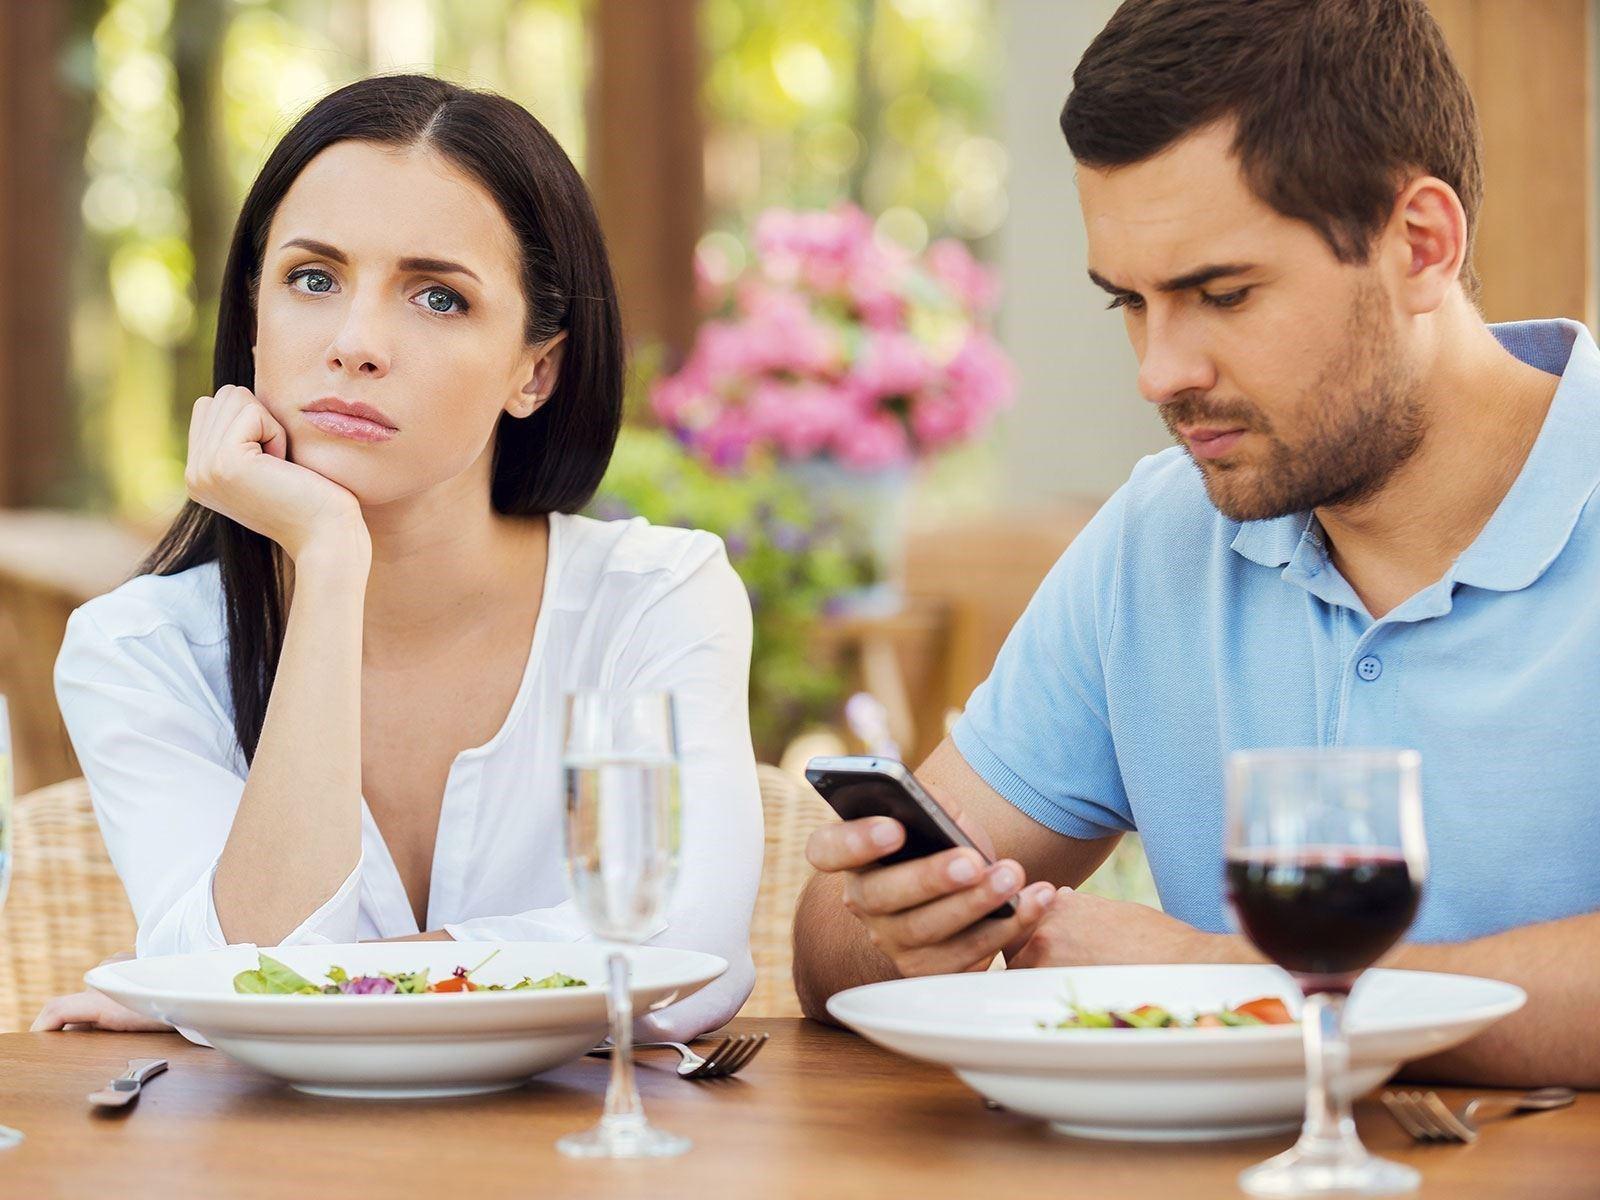 dating sosiale nettverk liste